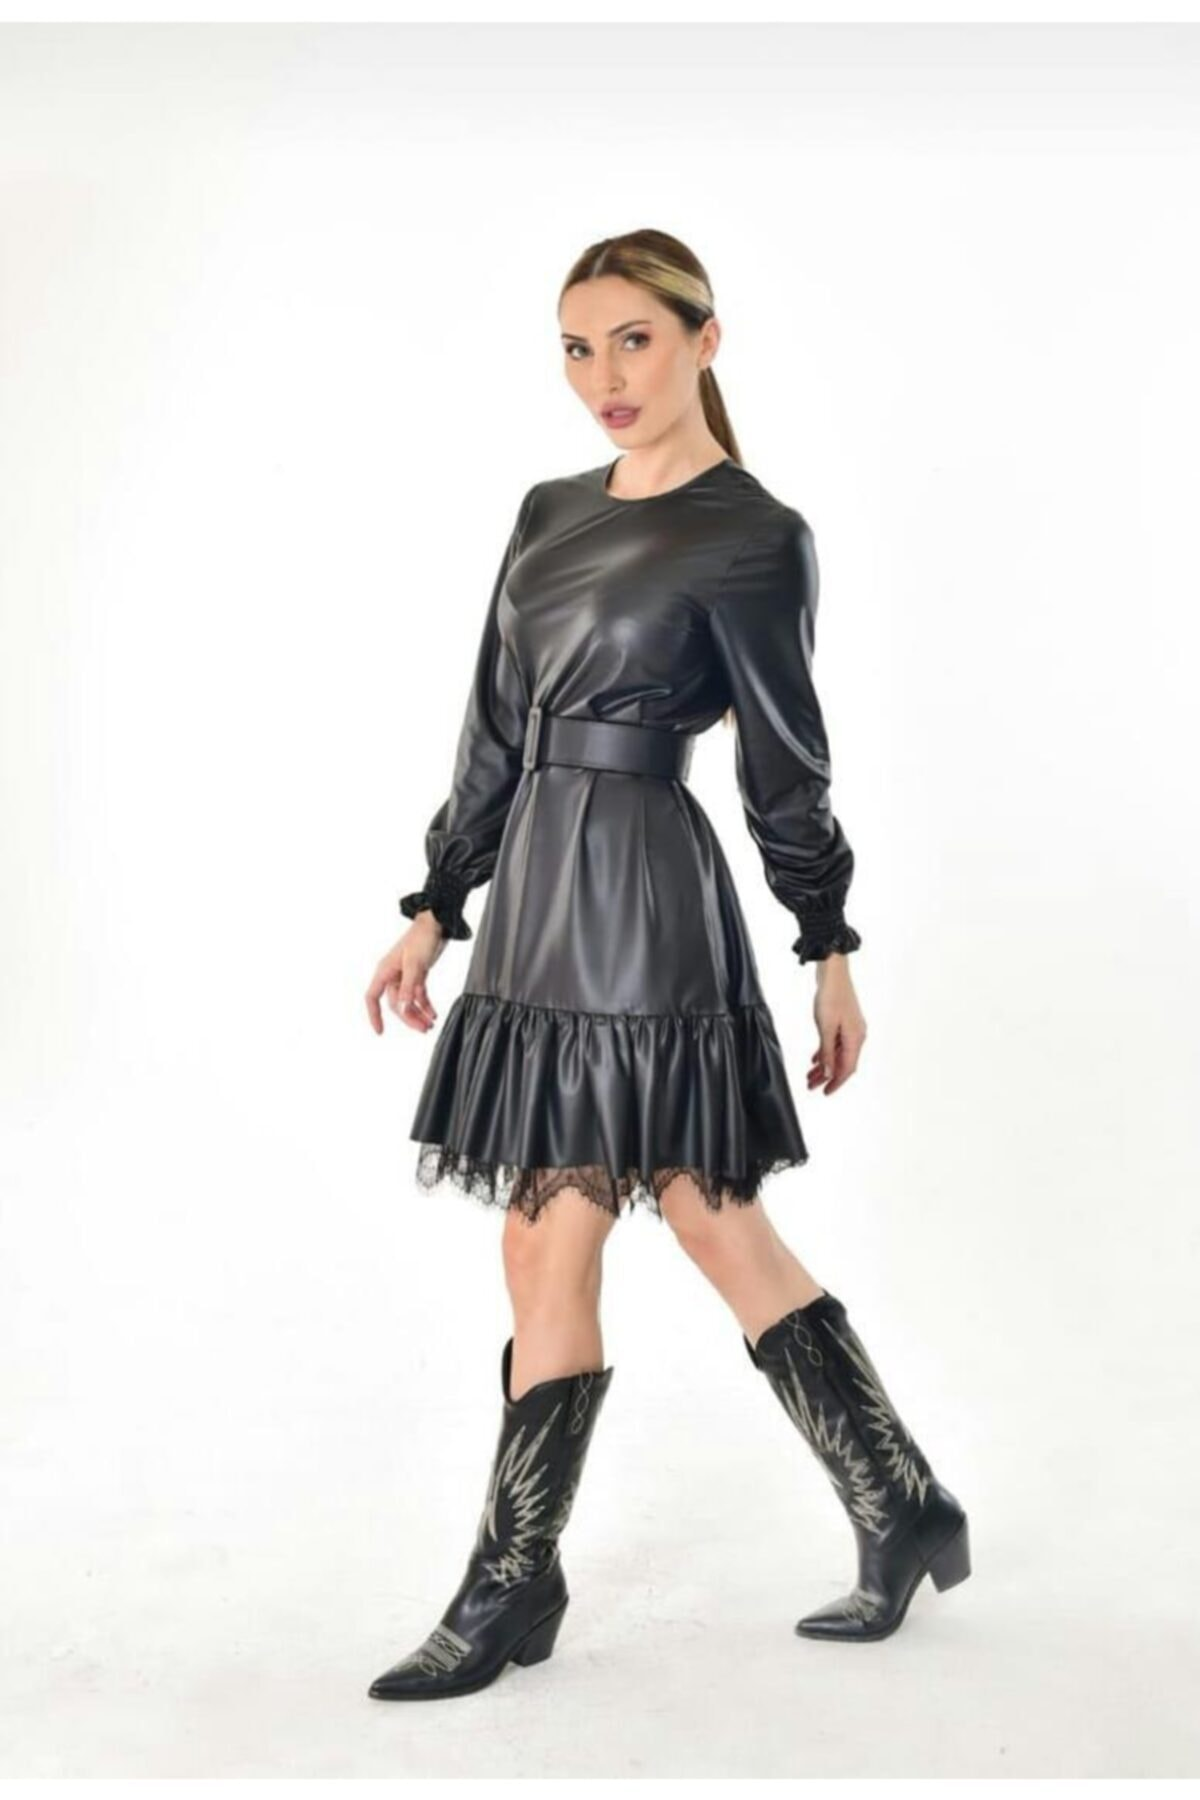 Estelle Giyim Kadın Ince Deri Siyah Elbise Estll0889 2